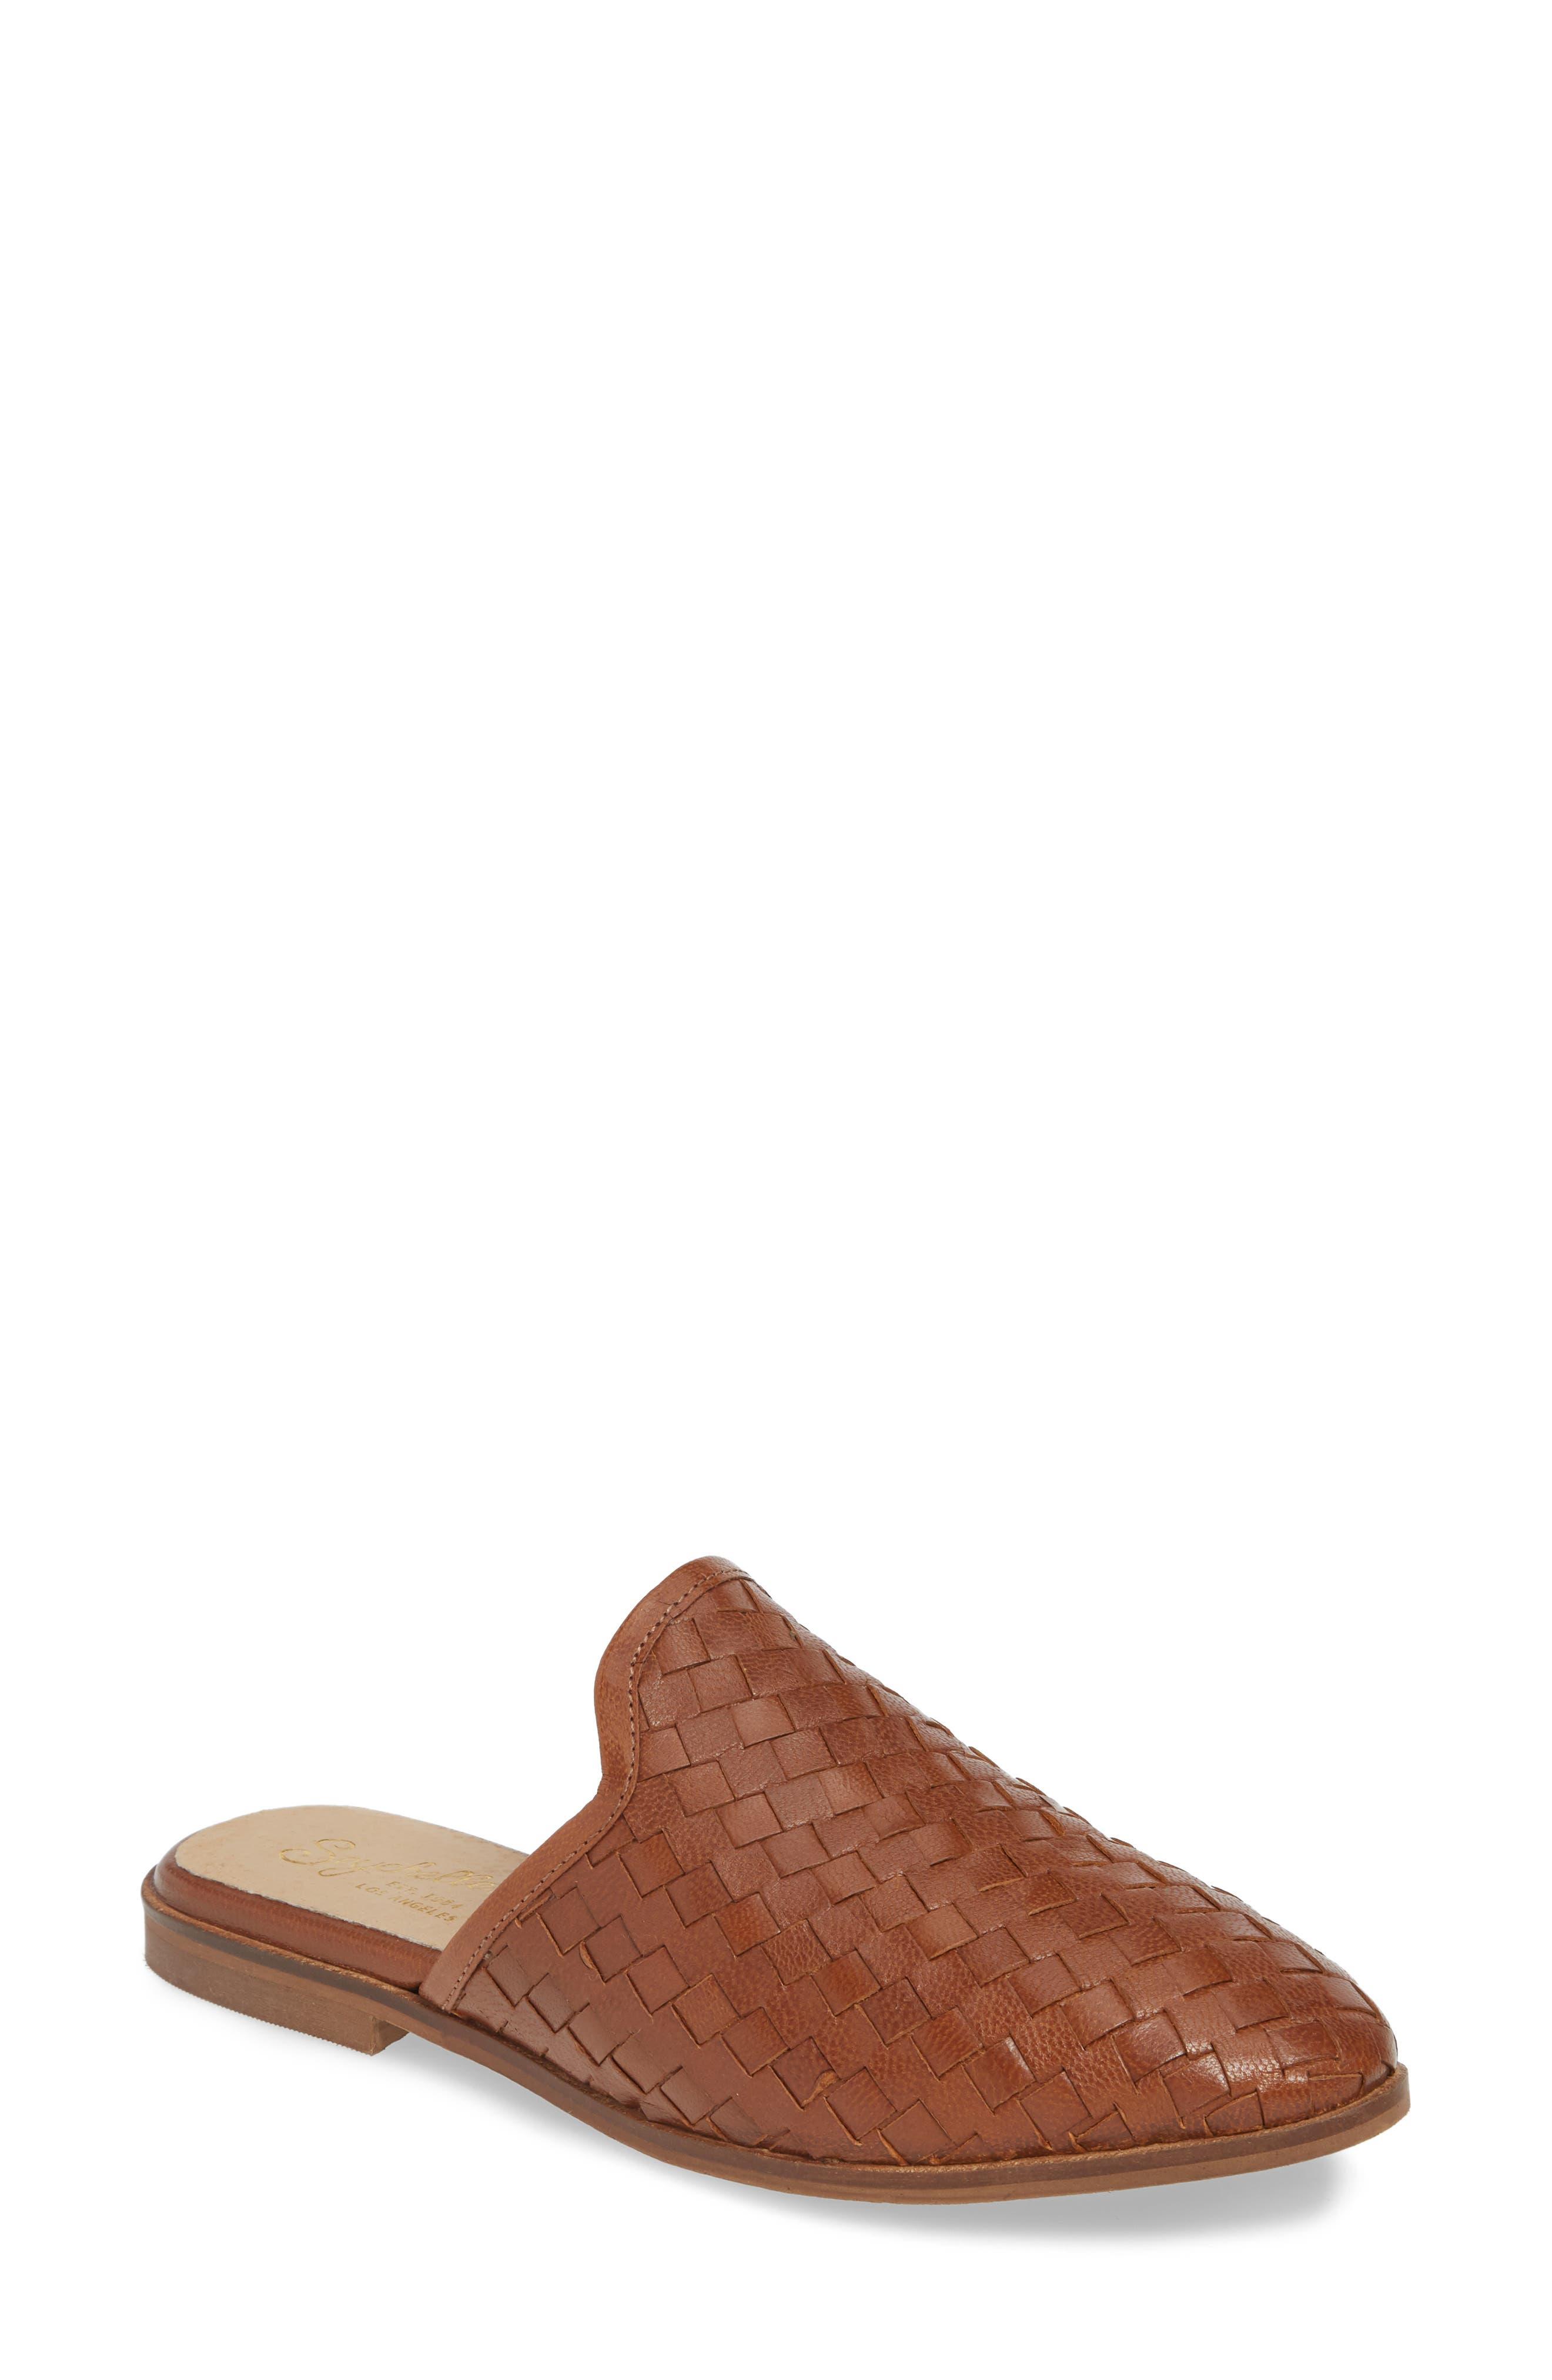 Seychelles Knickknack Woven Loafer Mule- Beige